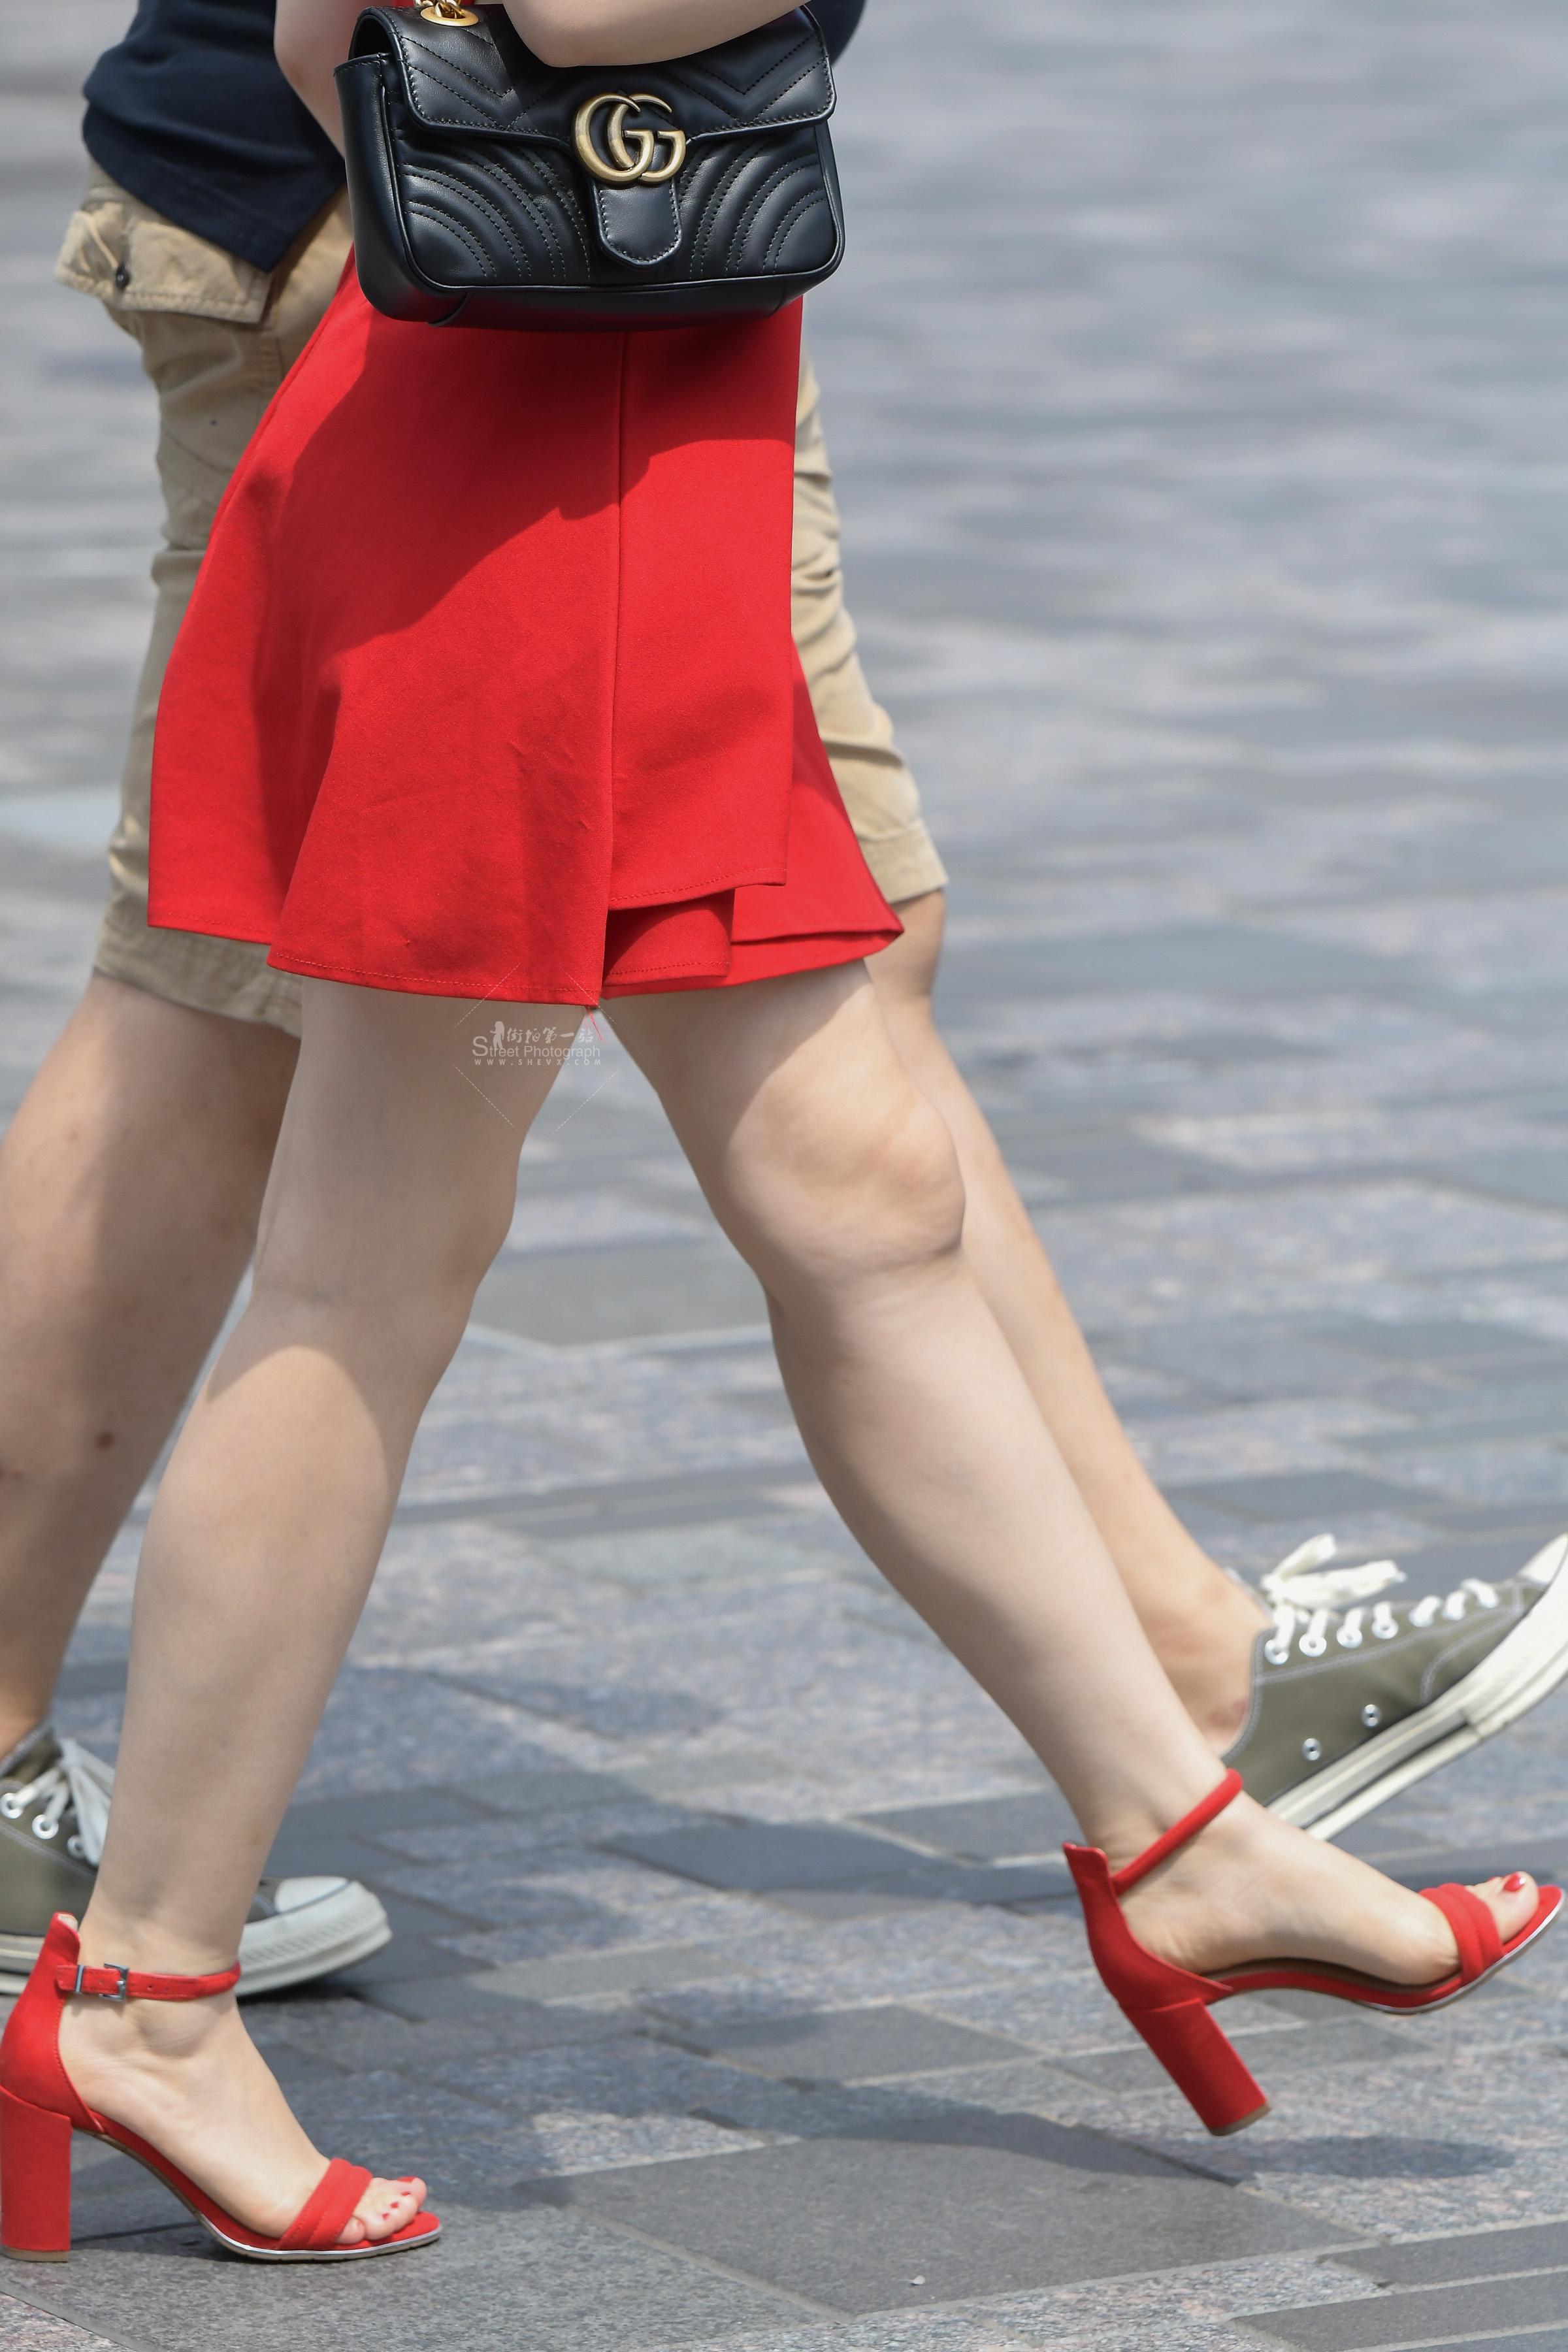 街拍高跟,街拍玉足,街拍美女,街拍高跟美女 目送红裙红 高跟玉腿玉足一字带 高跟美女离开 最新街拍丝袜图片 街拍丝袜第一站